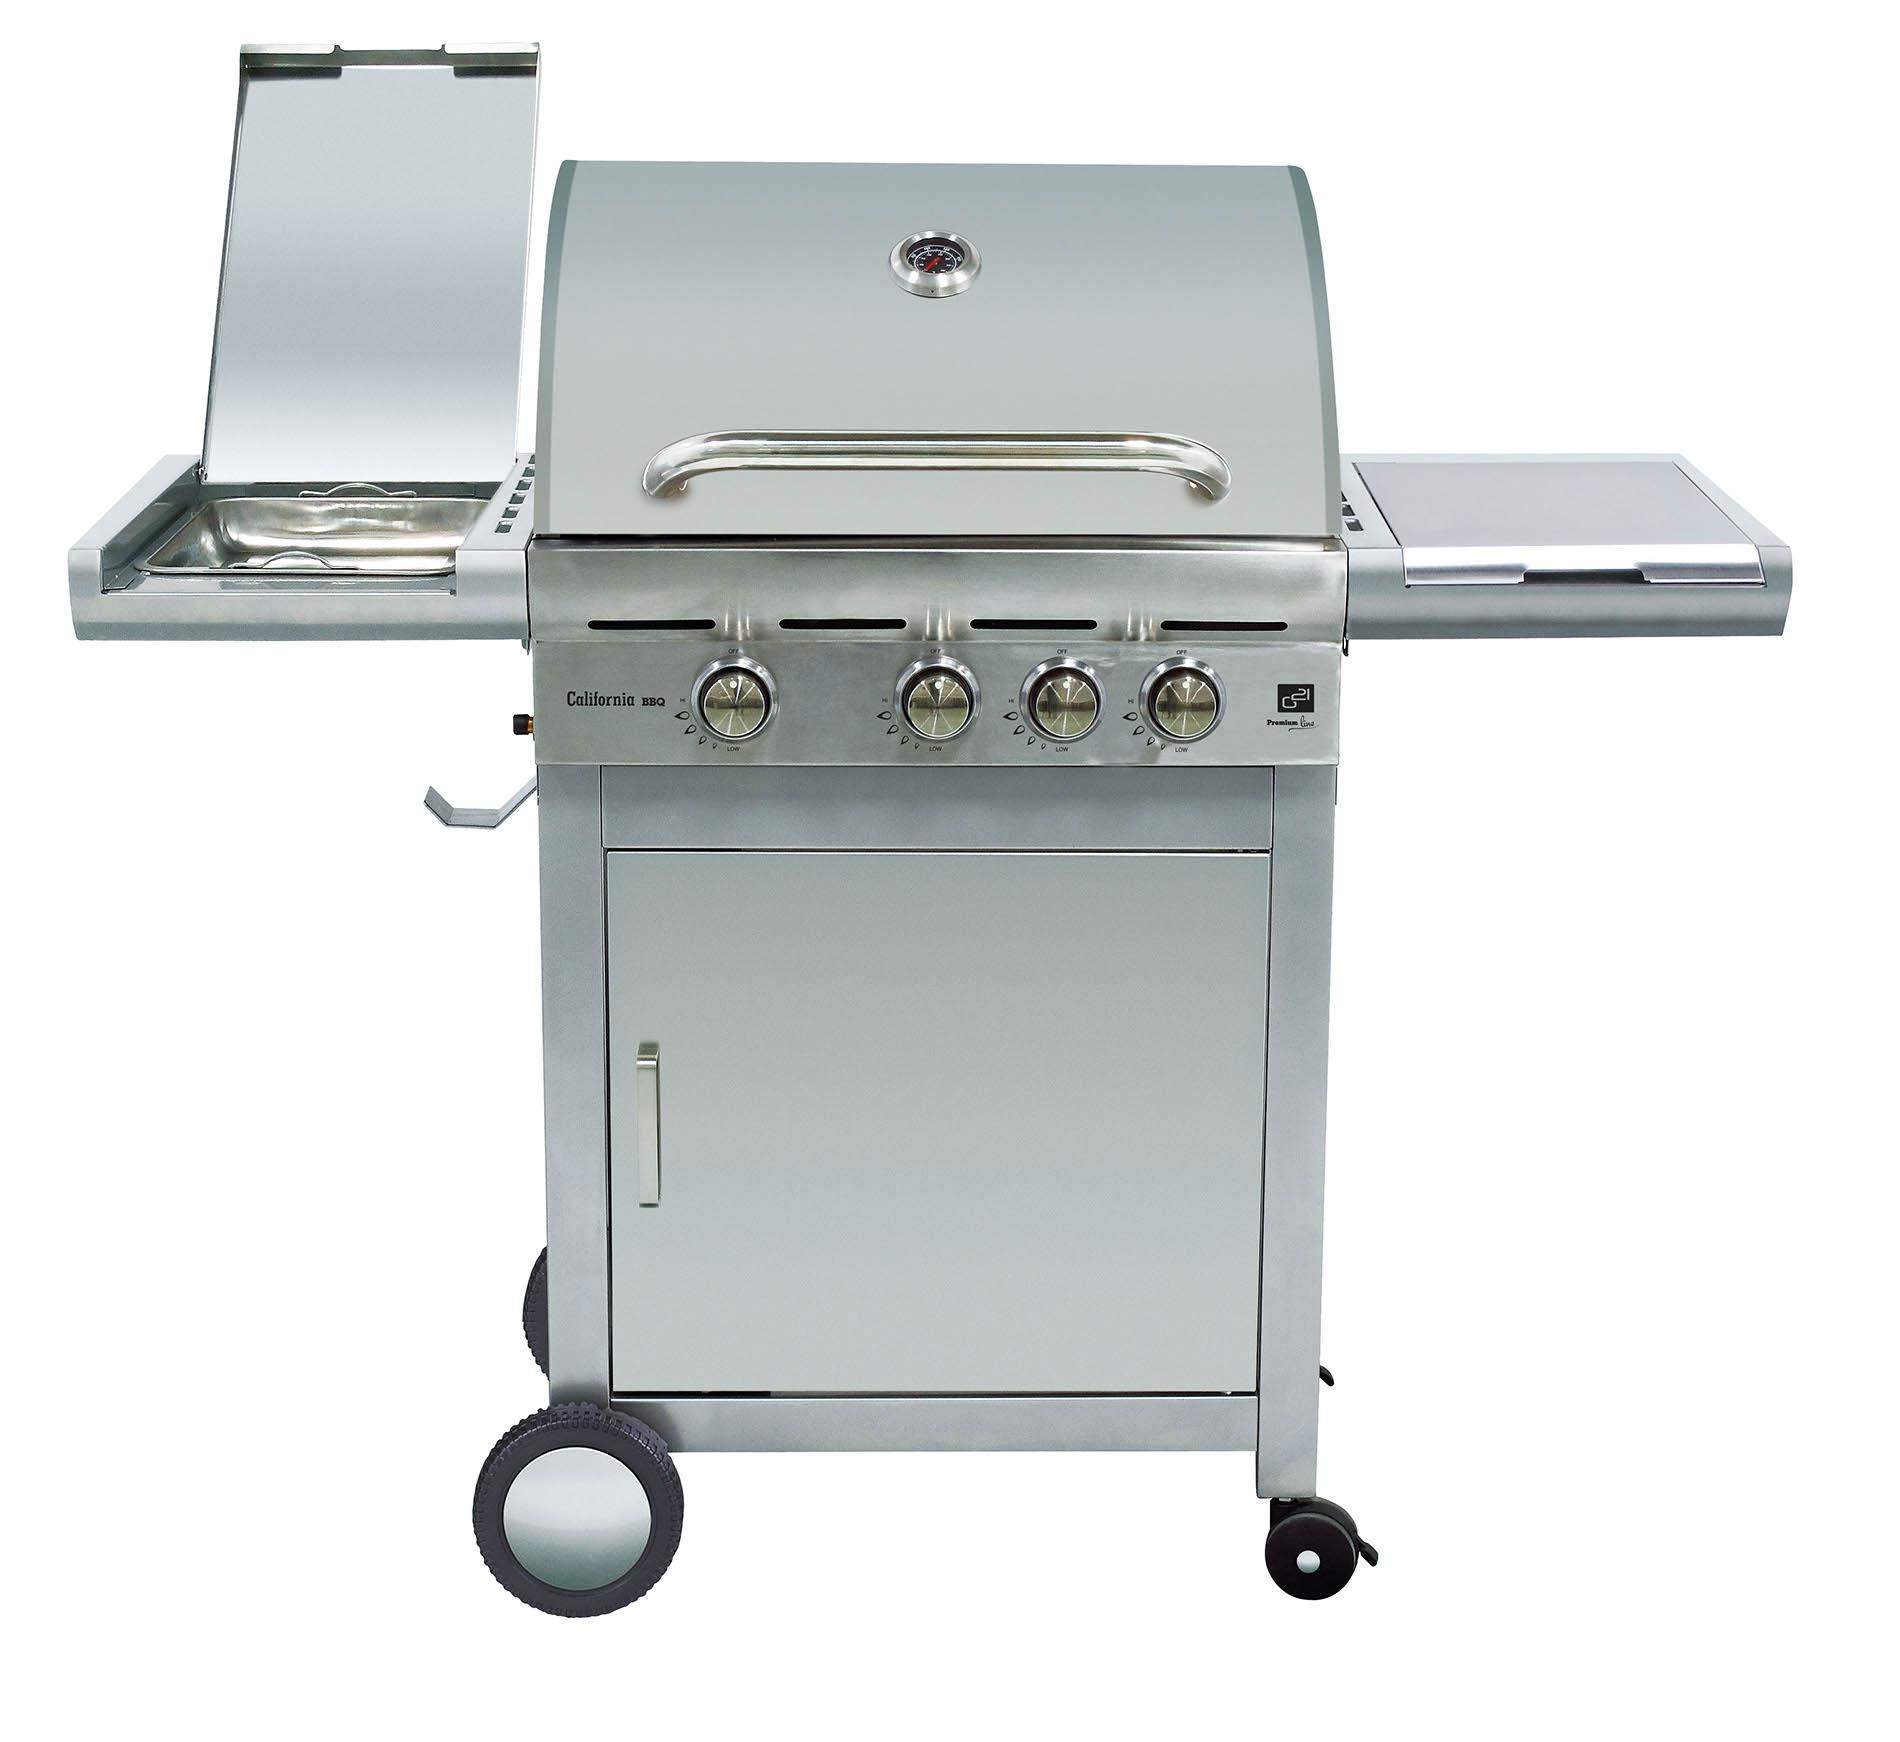 Plynový gril G21 California BBQ Premium Line 4 hořáky + zdarma redukční ventil; 6390305